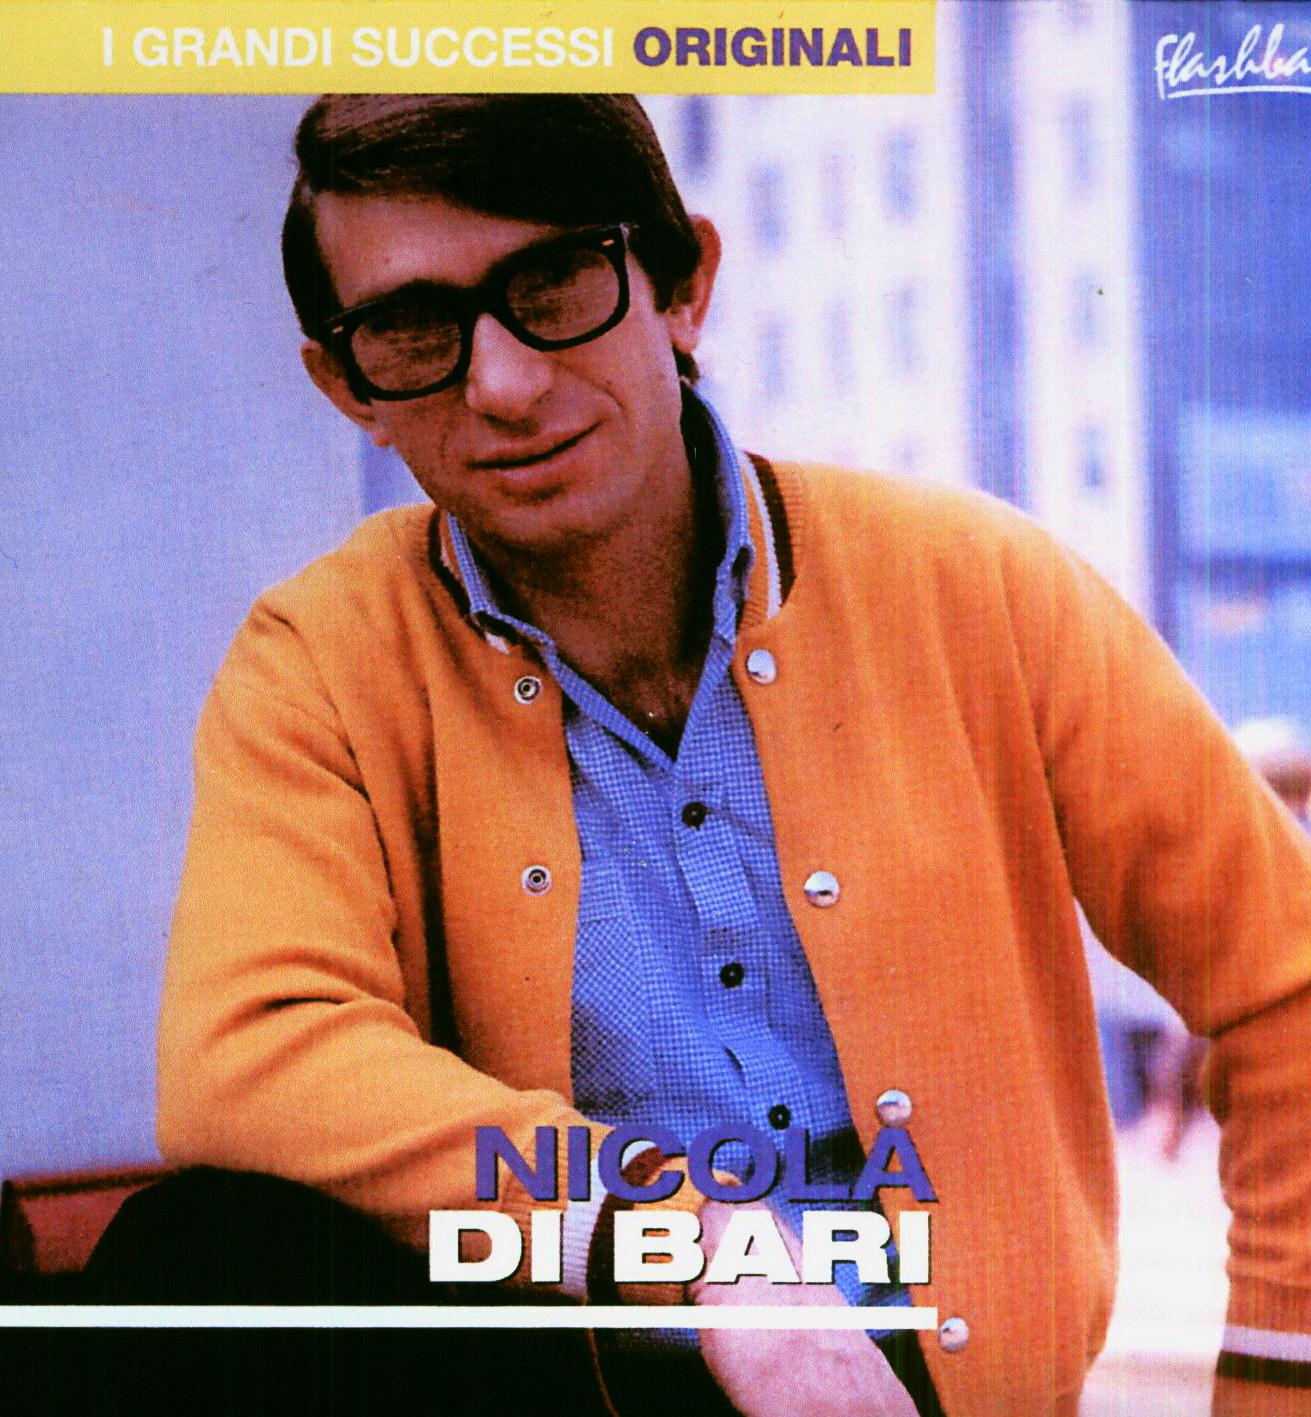 My music new nicola di bari i grandi successi oirginali for Grandi arredi bari